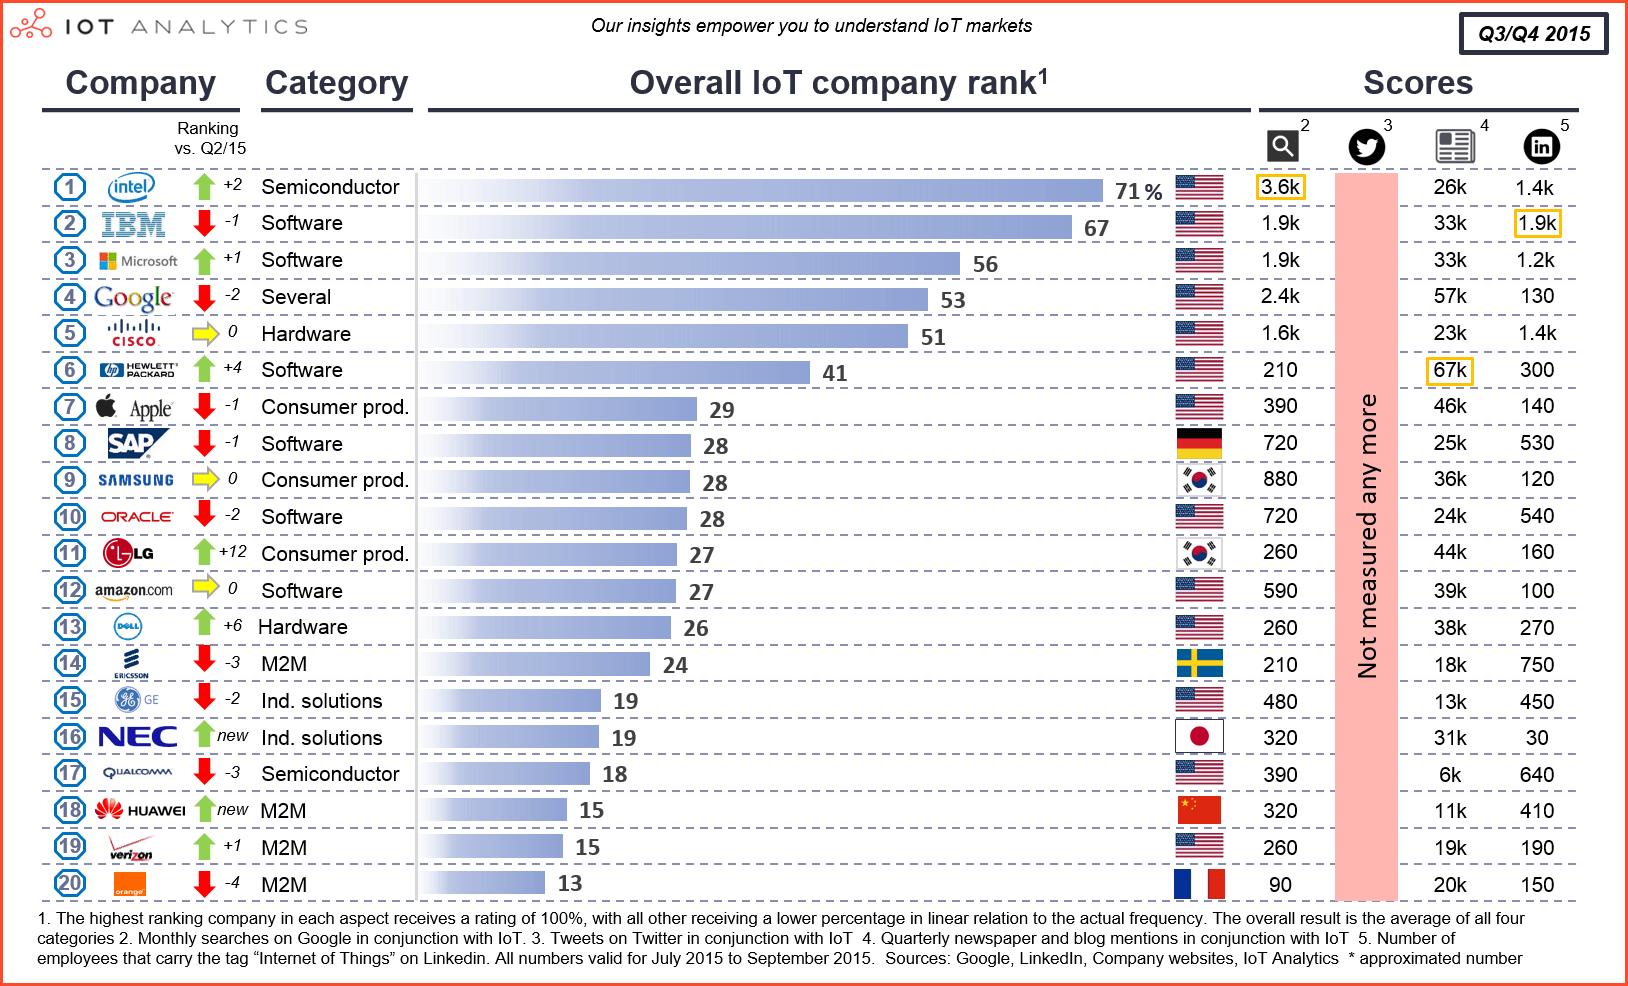 iotanalytics-overall-iot-company-rank-2015